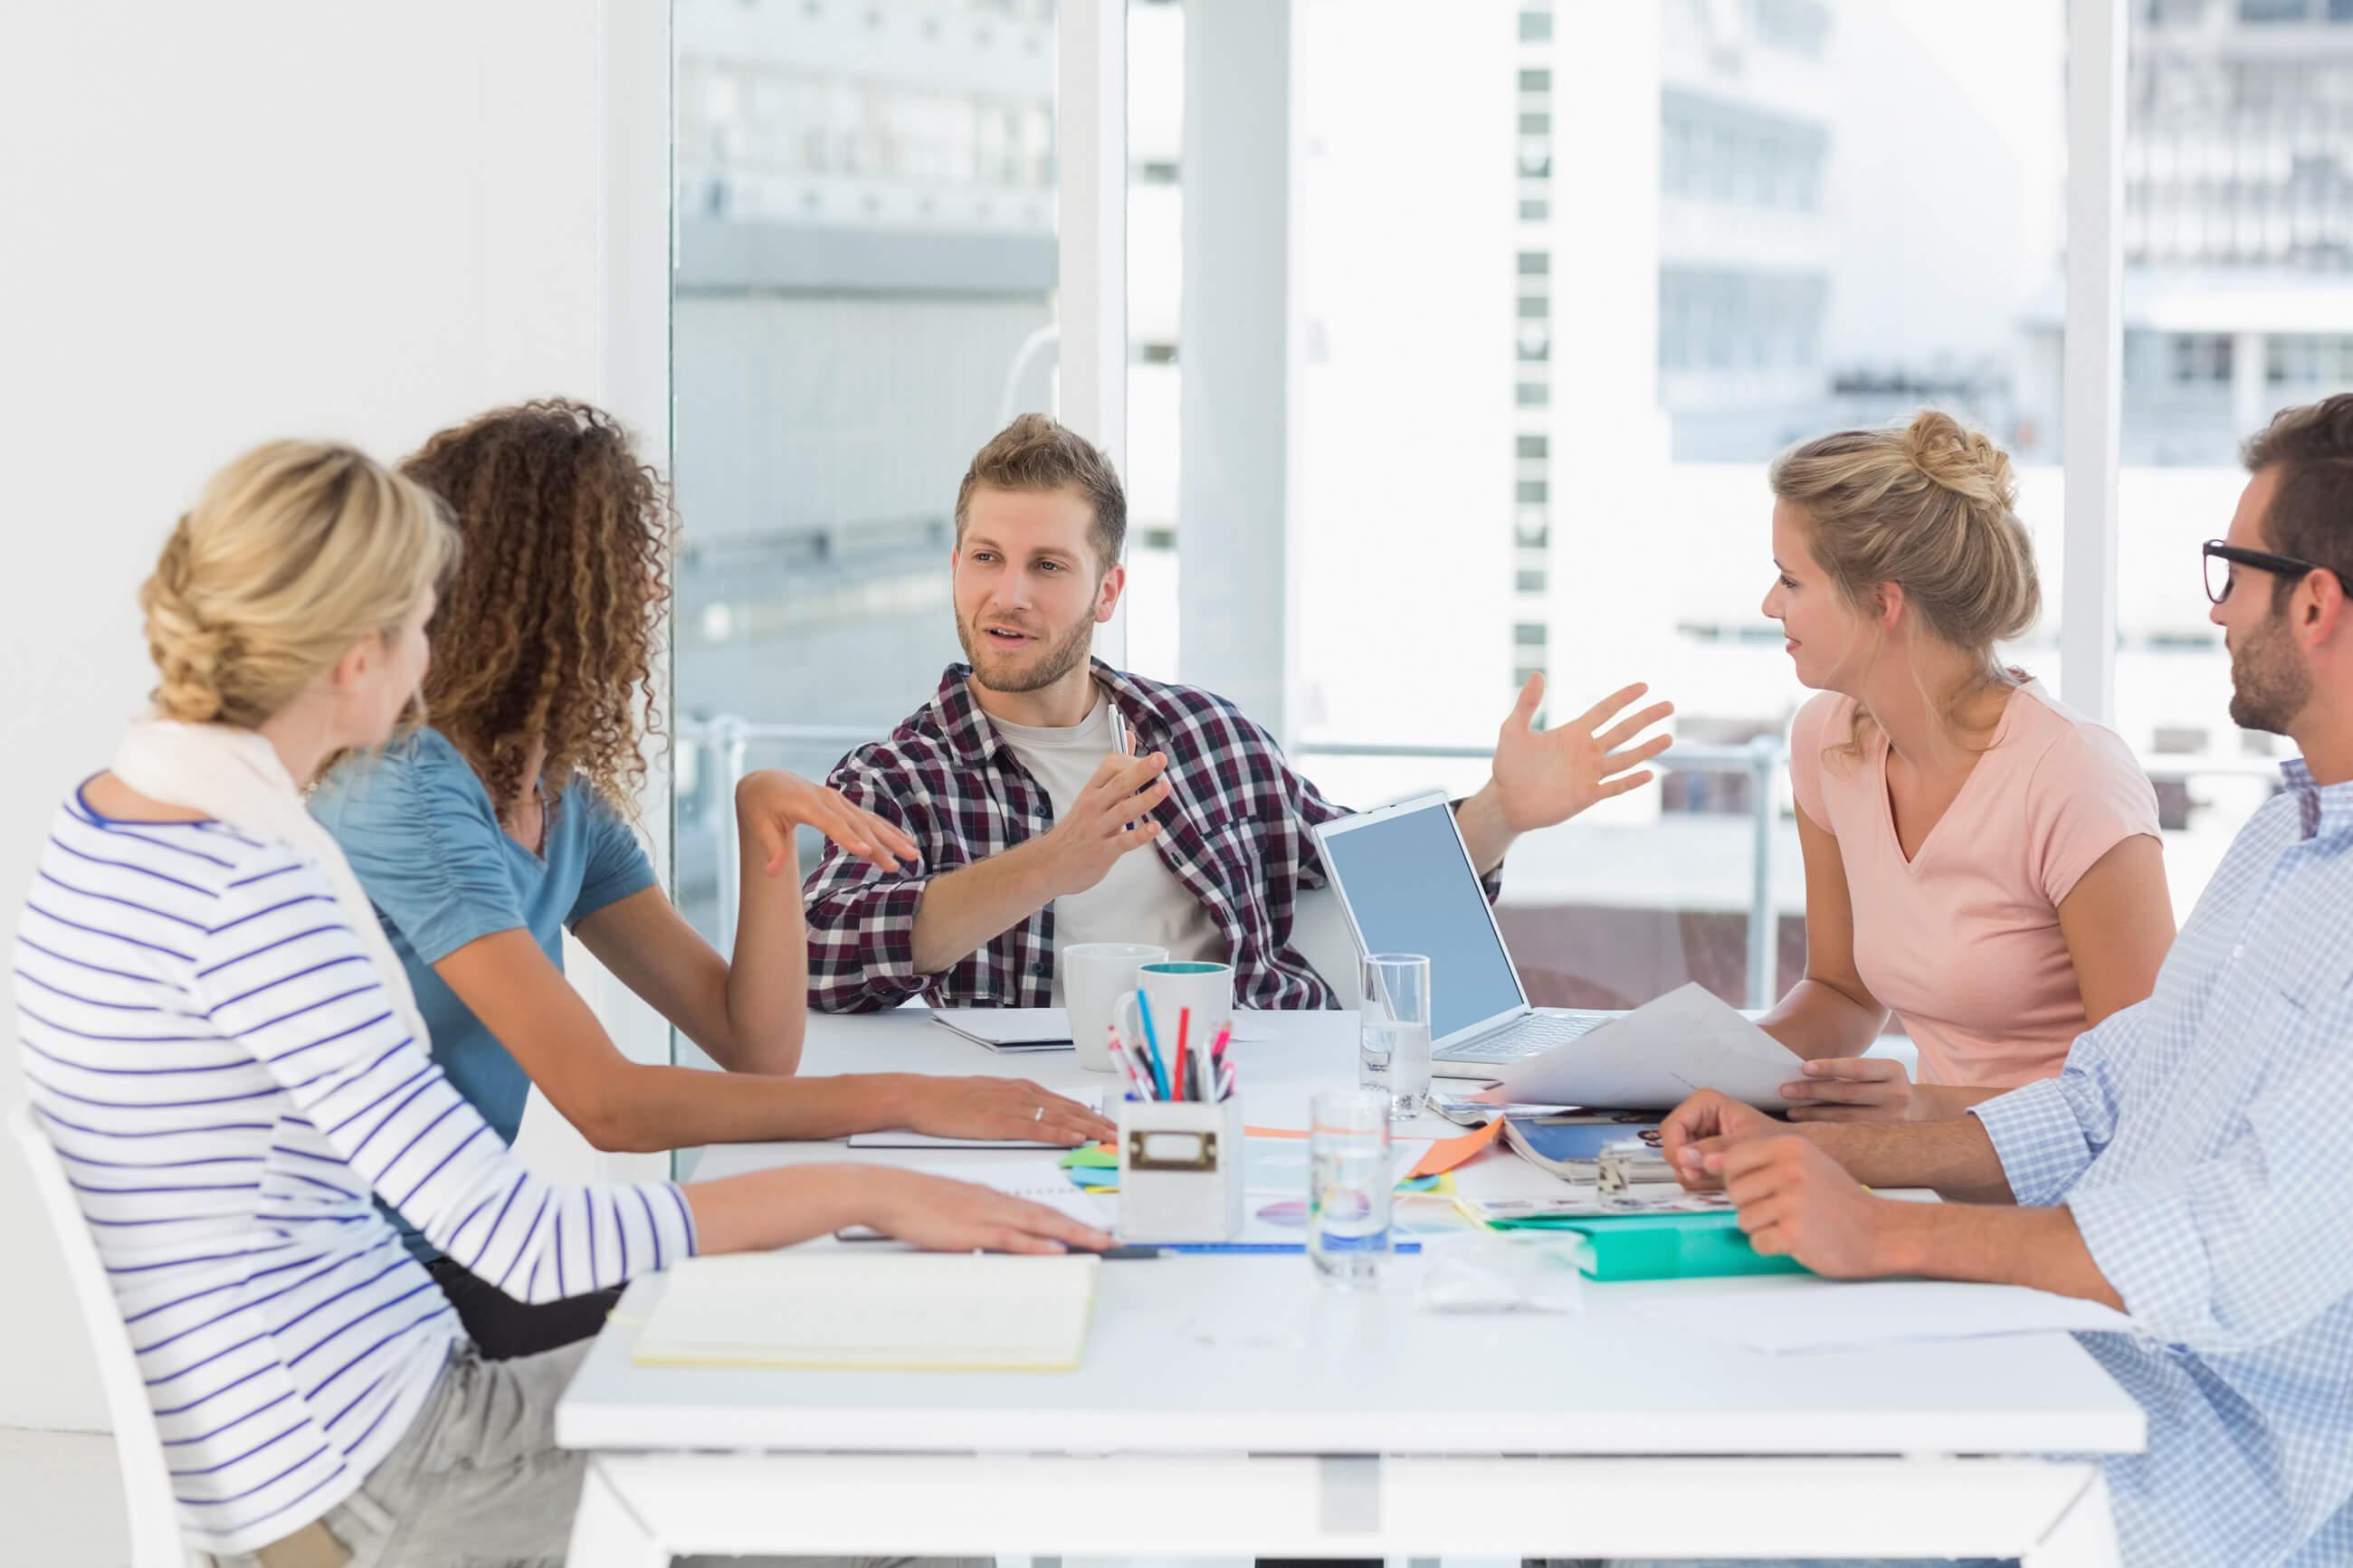 Перевод: 3 Совета по созданию дискуссионных маркетинговых кампаний без нанесения вреда вашему бренду